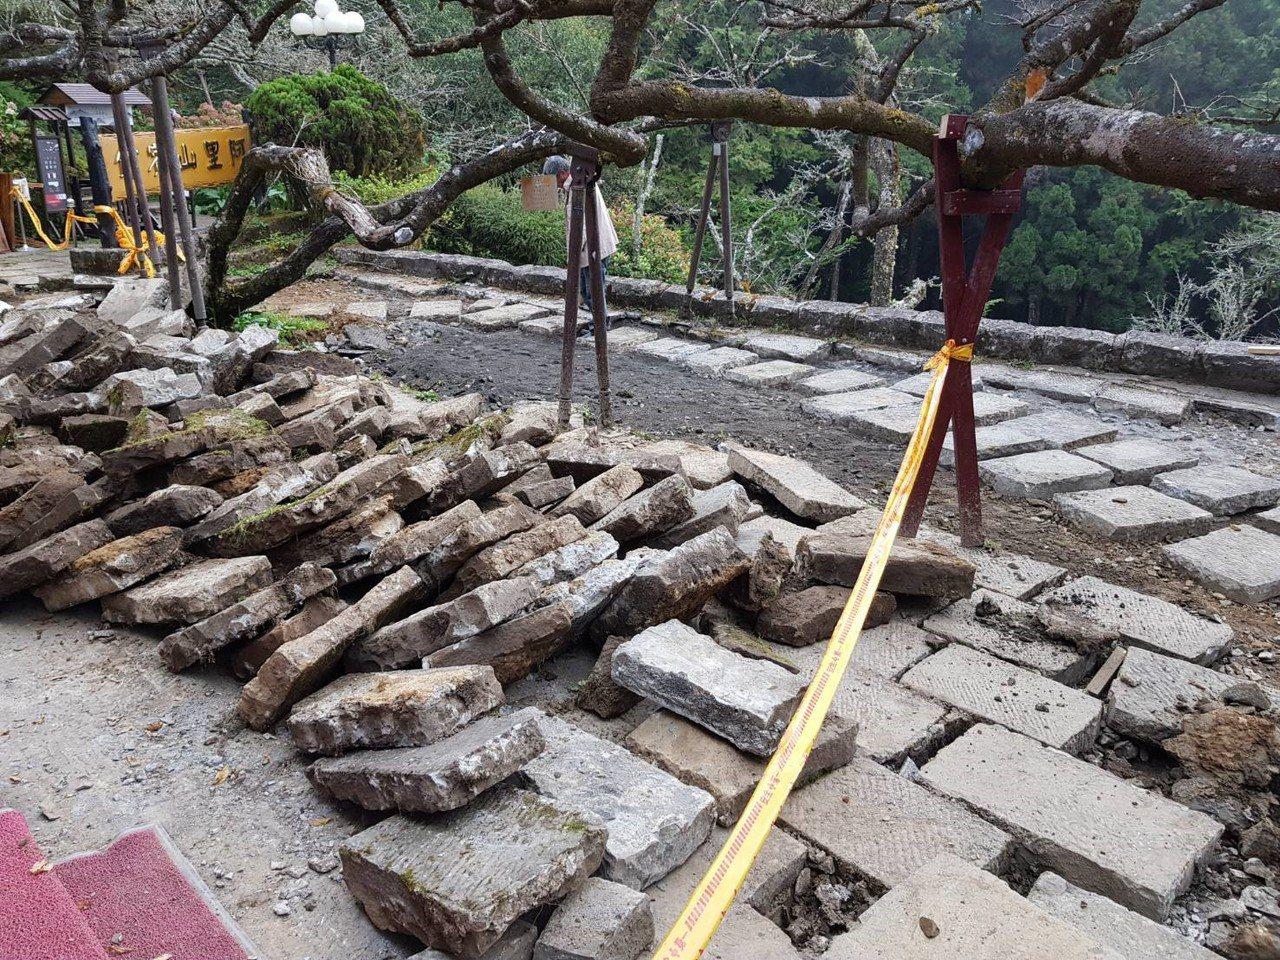 阿里山賓館目前已先將長期壓住染井吉野櫻樹根的石板移除,讓根部能透氣透水。圖/嚴仁...